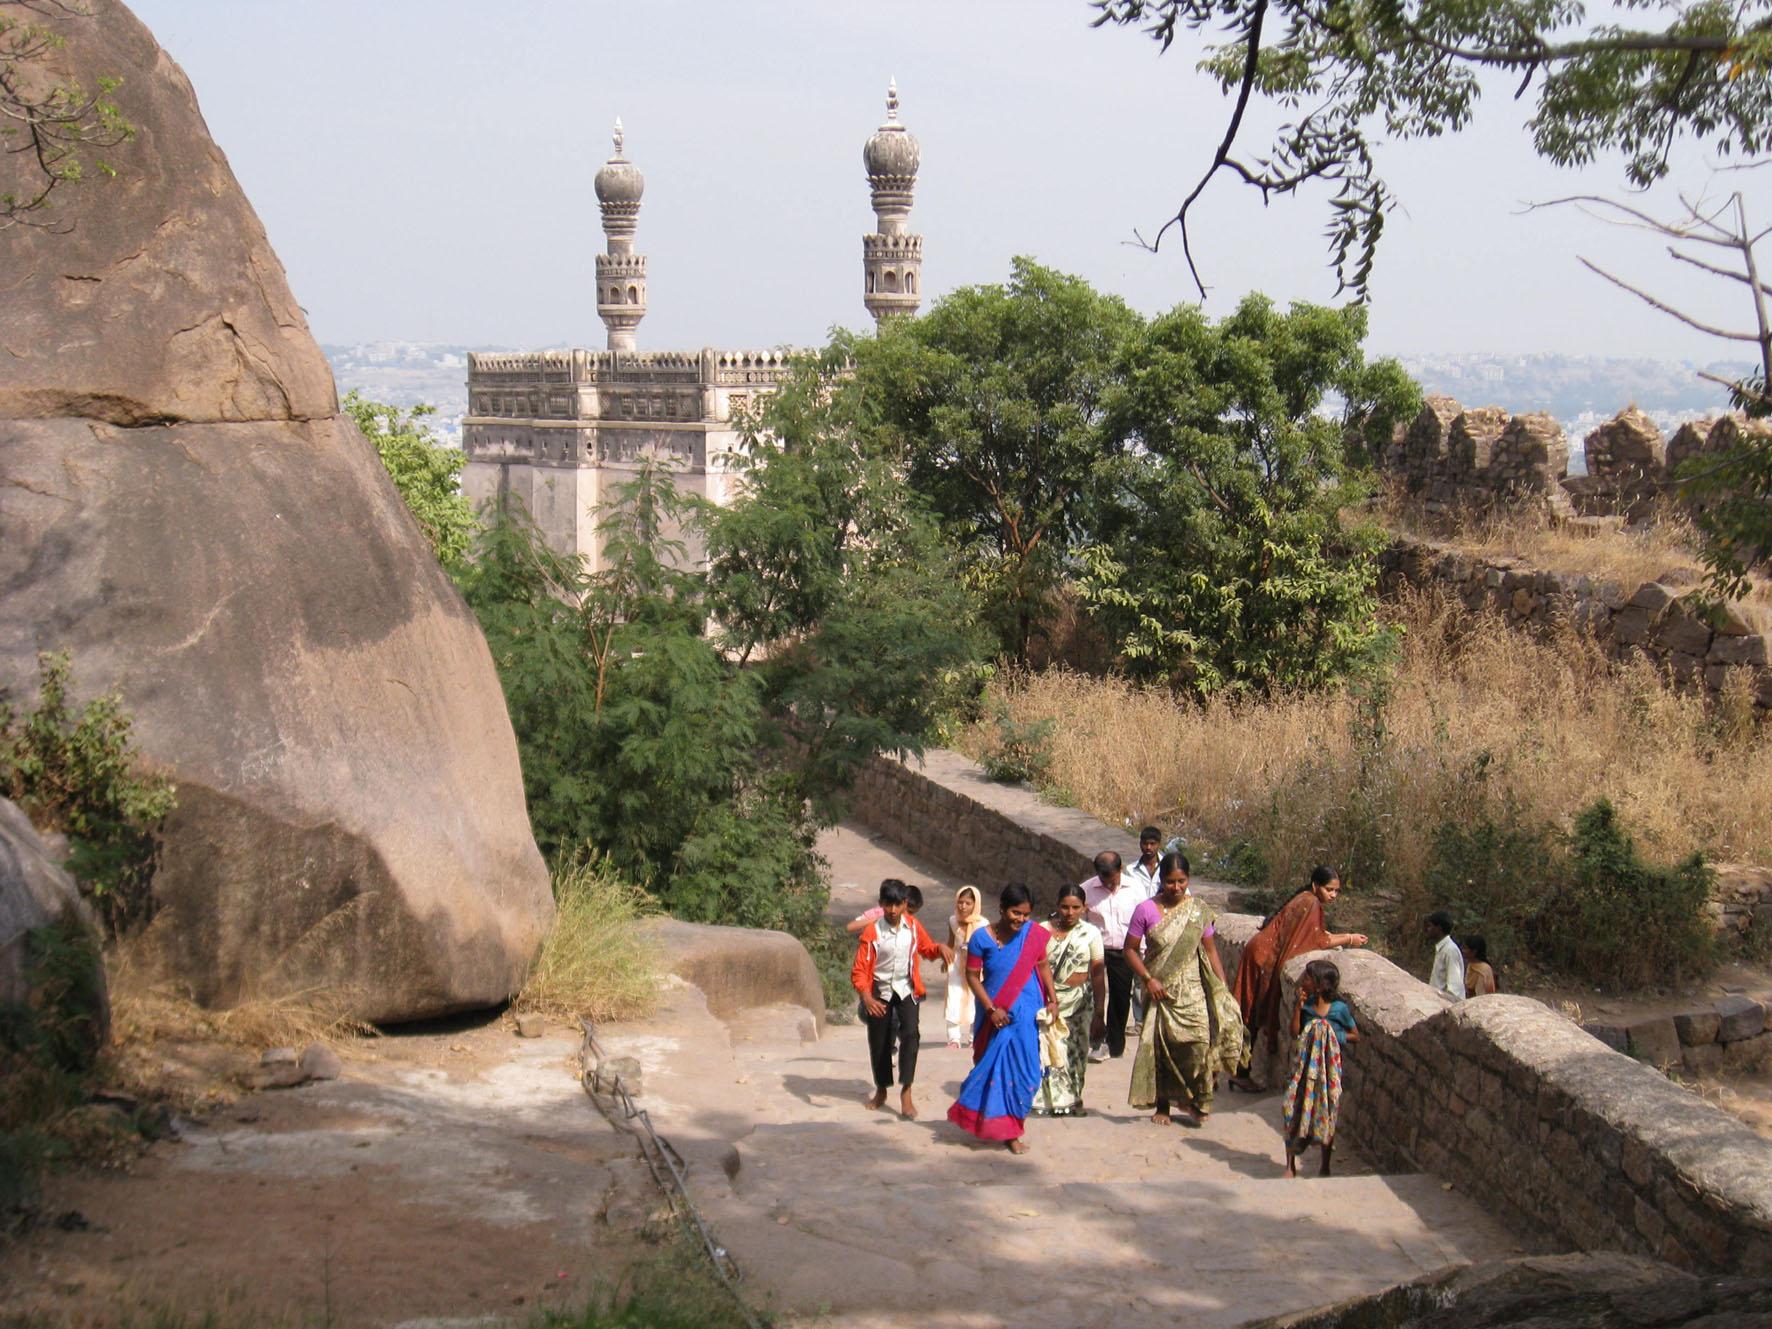 2010_Hyderabad Golconda Fort_011 KOPIE S